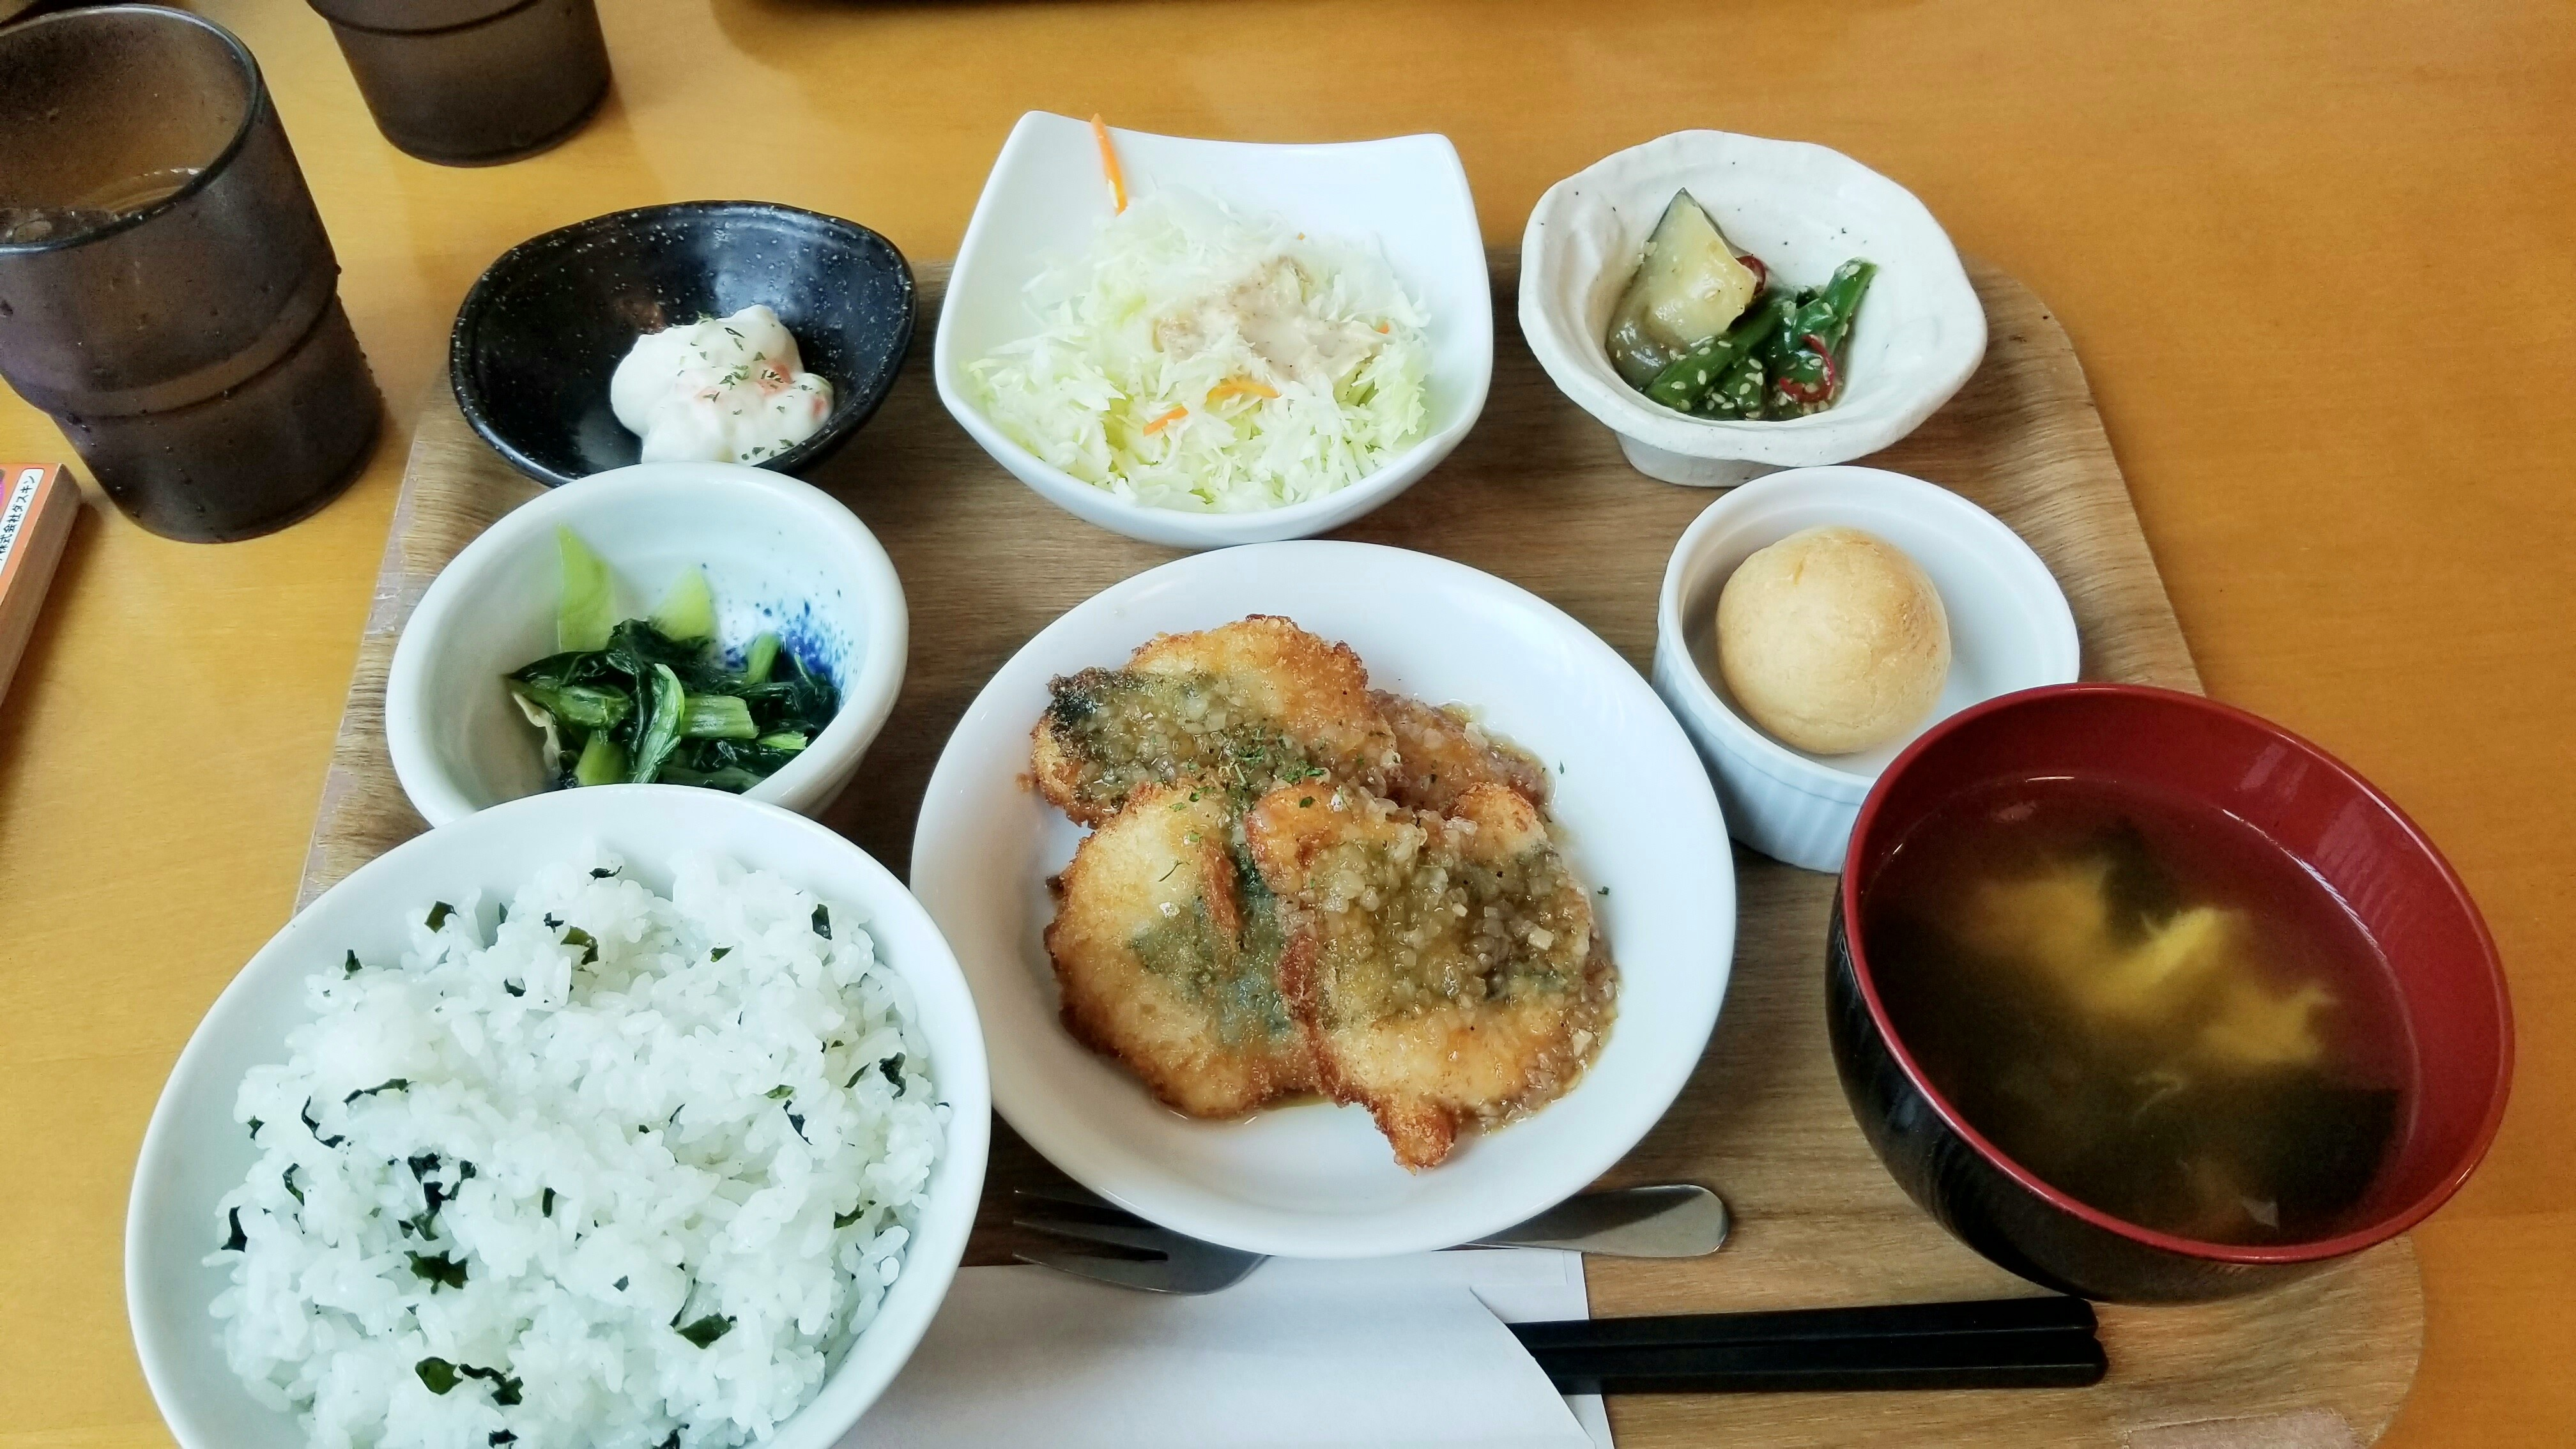 お昼ご飯松山市梅しそバランスあっさり副菜太らないメニュー近く和風